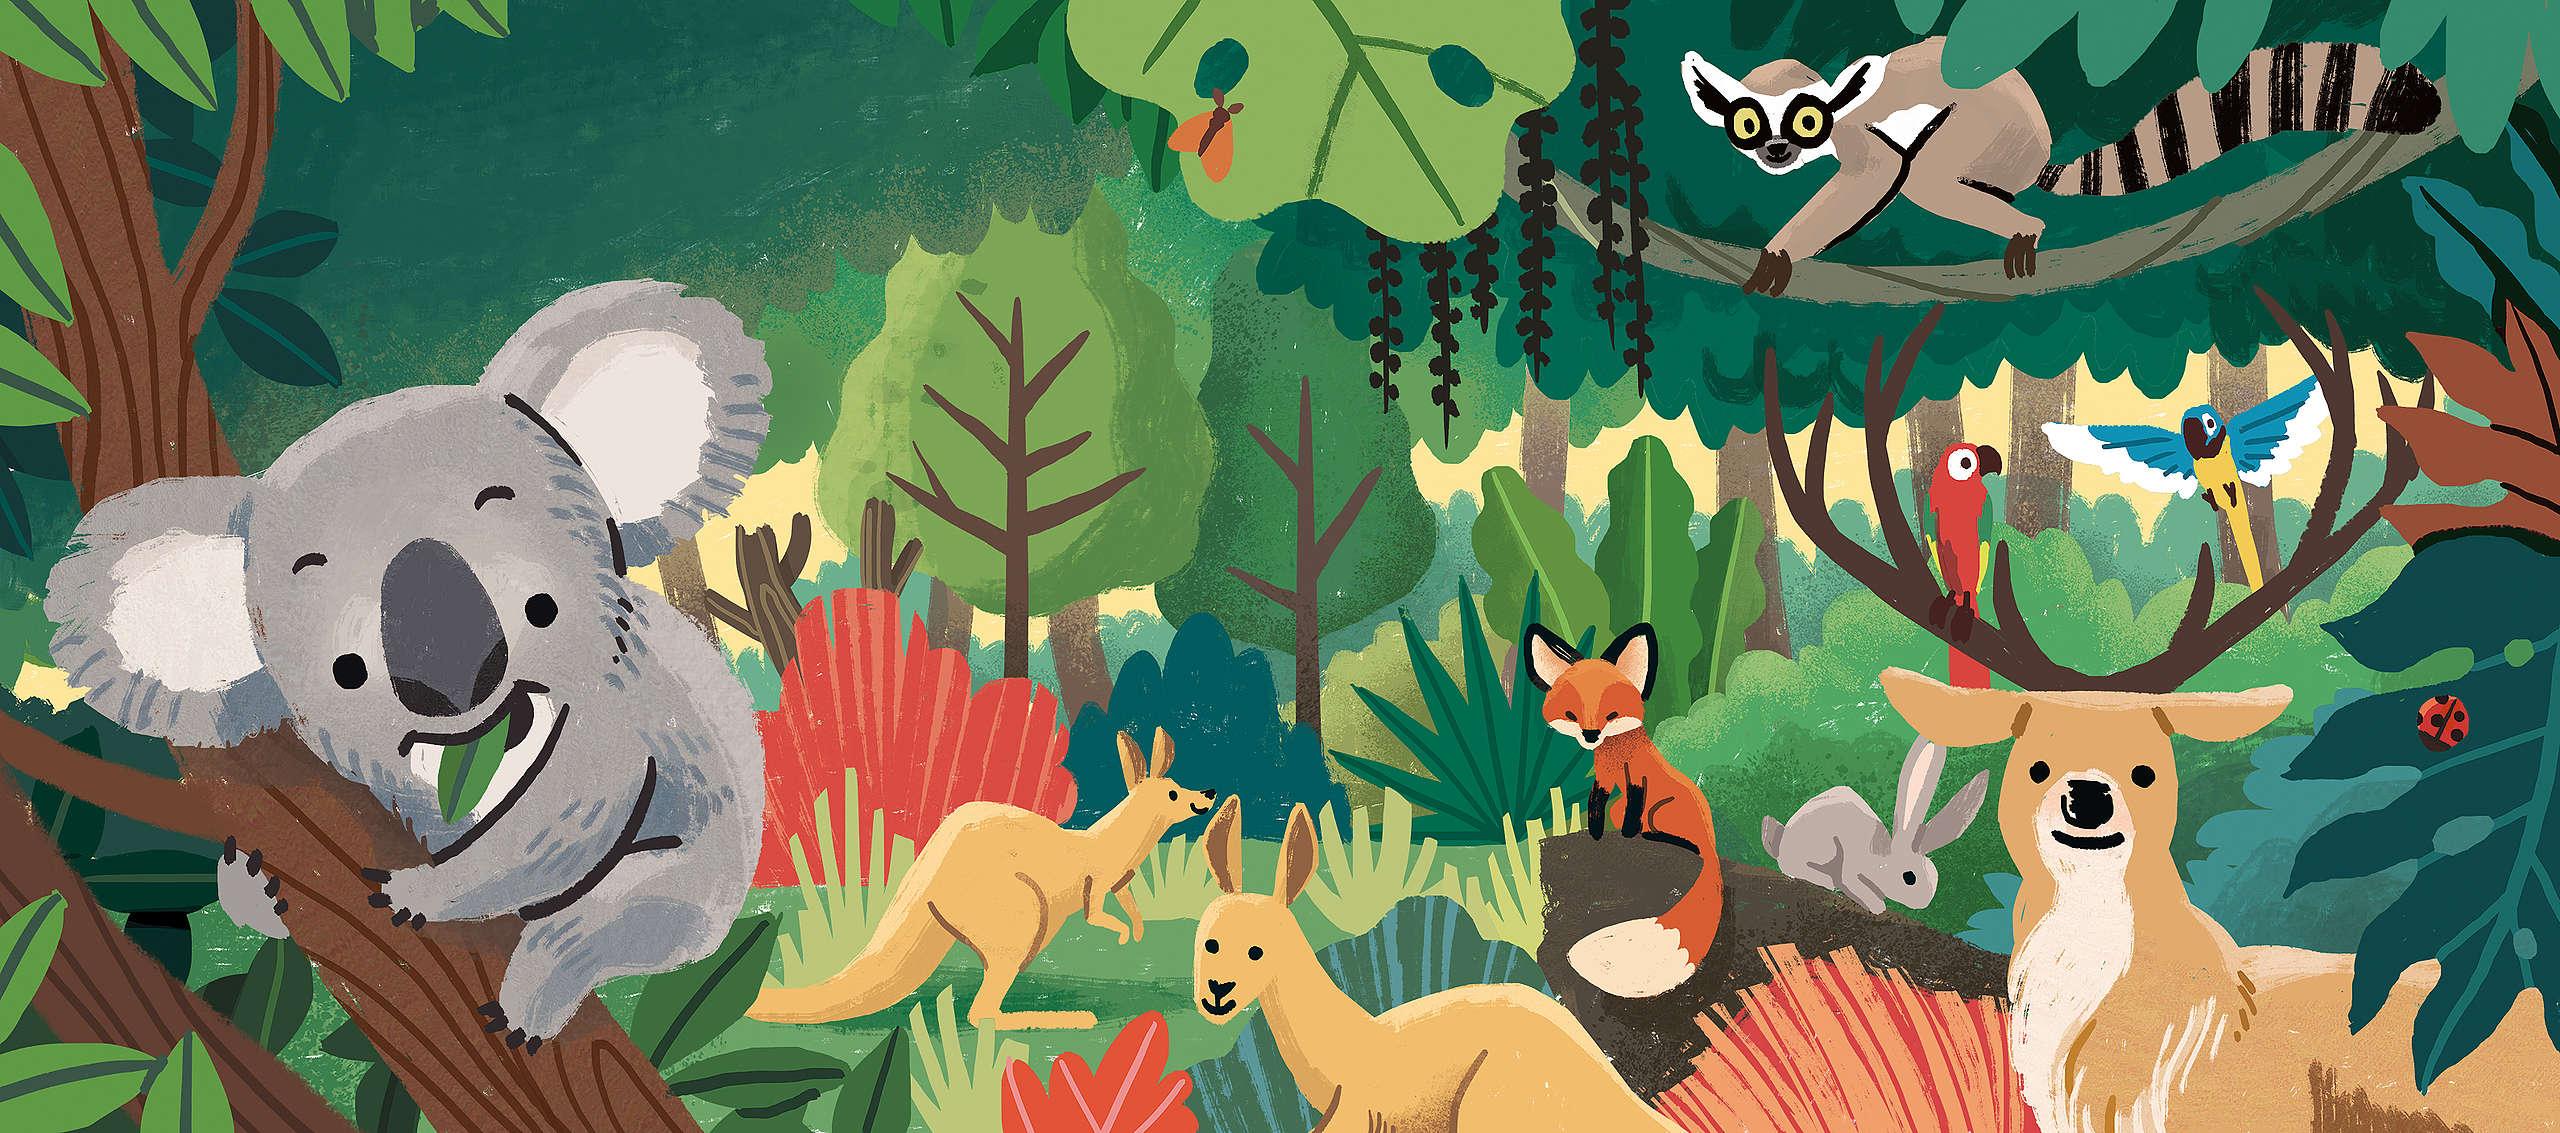 繪本插畫由馬來西亞籍插畫家郭紹尉協同創作,他希望經由繪本中生動可愛的插畫,能夠讓小朋友對於內容有更深刻的印象,並且養成同理心,為環境保護出一份力。© Greenpeace